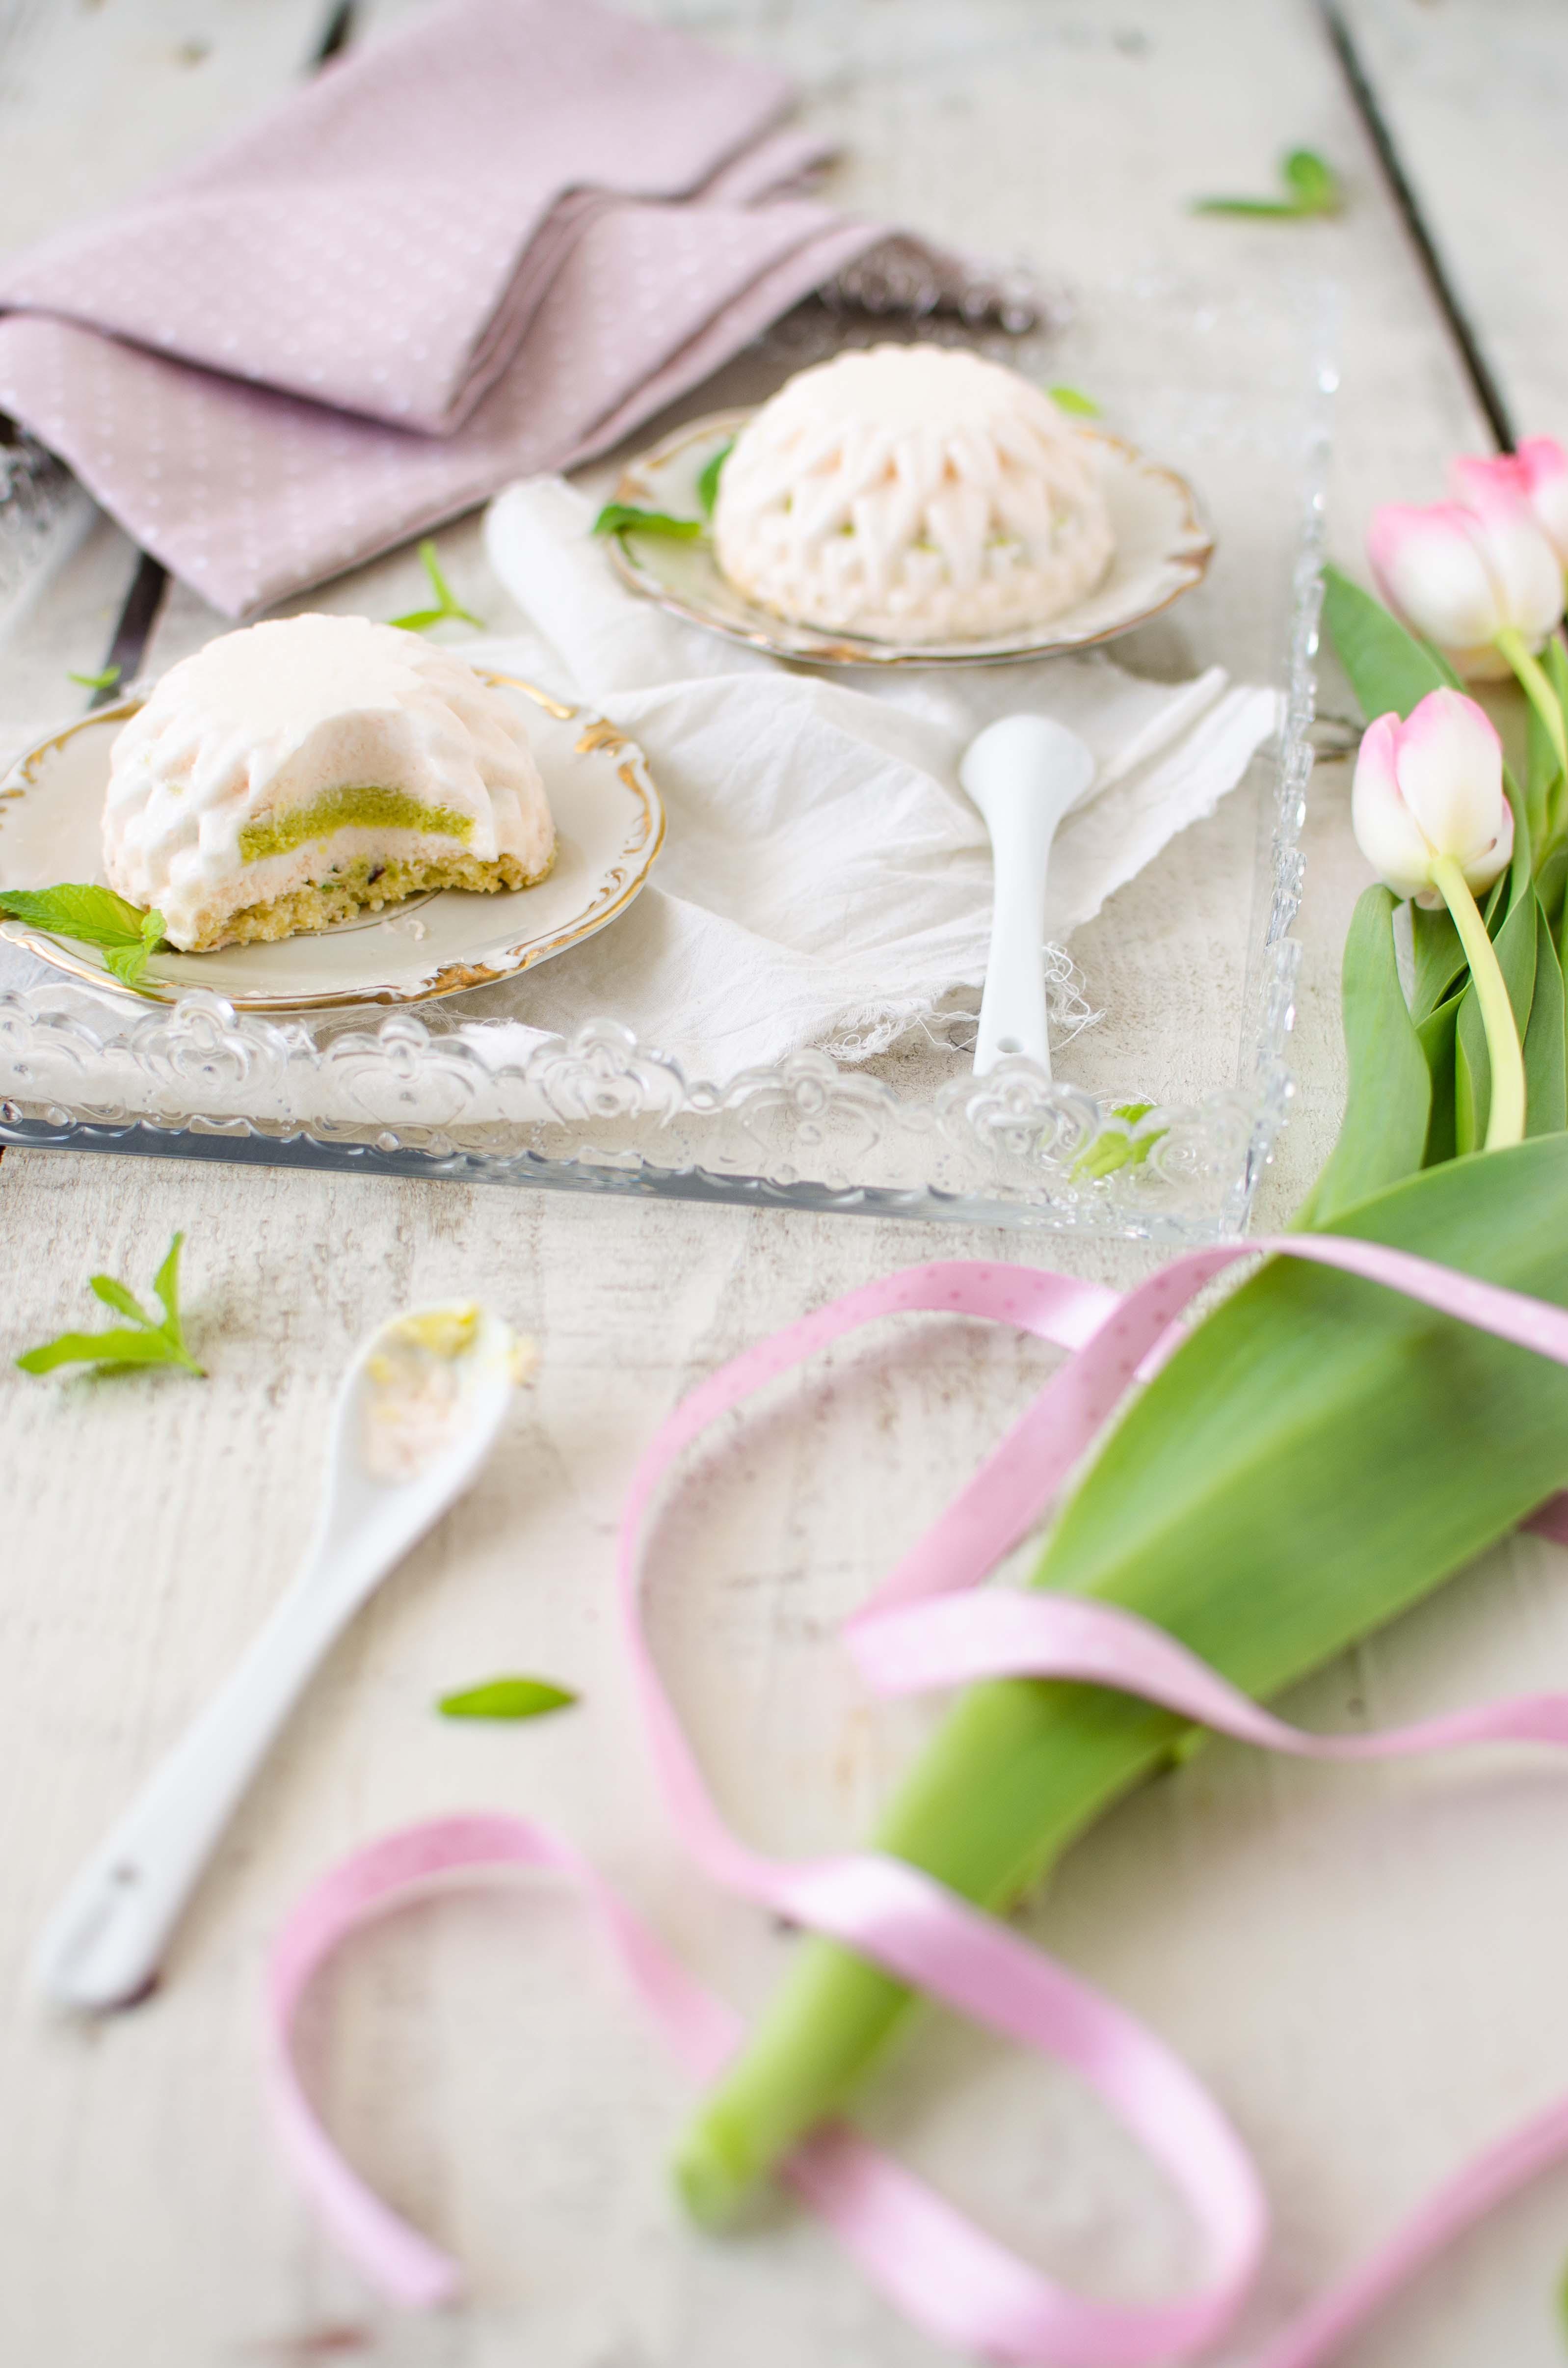 mousse_pompelmo_pistacchio7 Mousse al pompelmo rosa e pistacchi